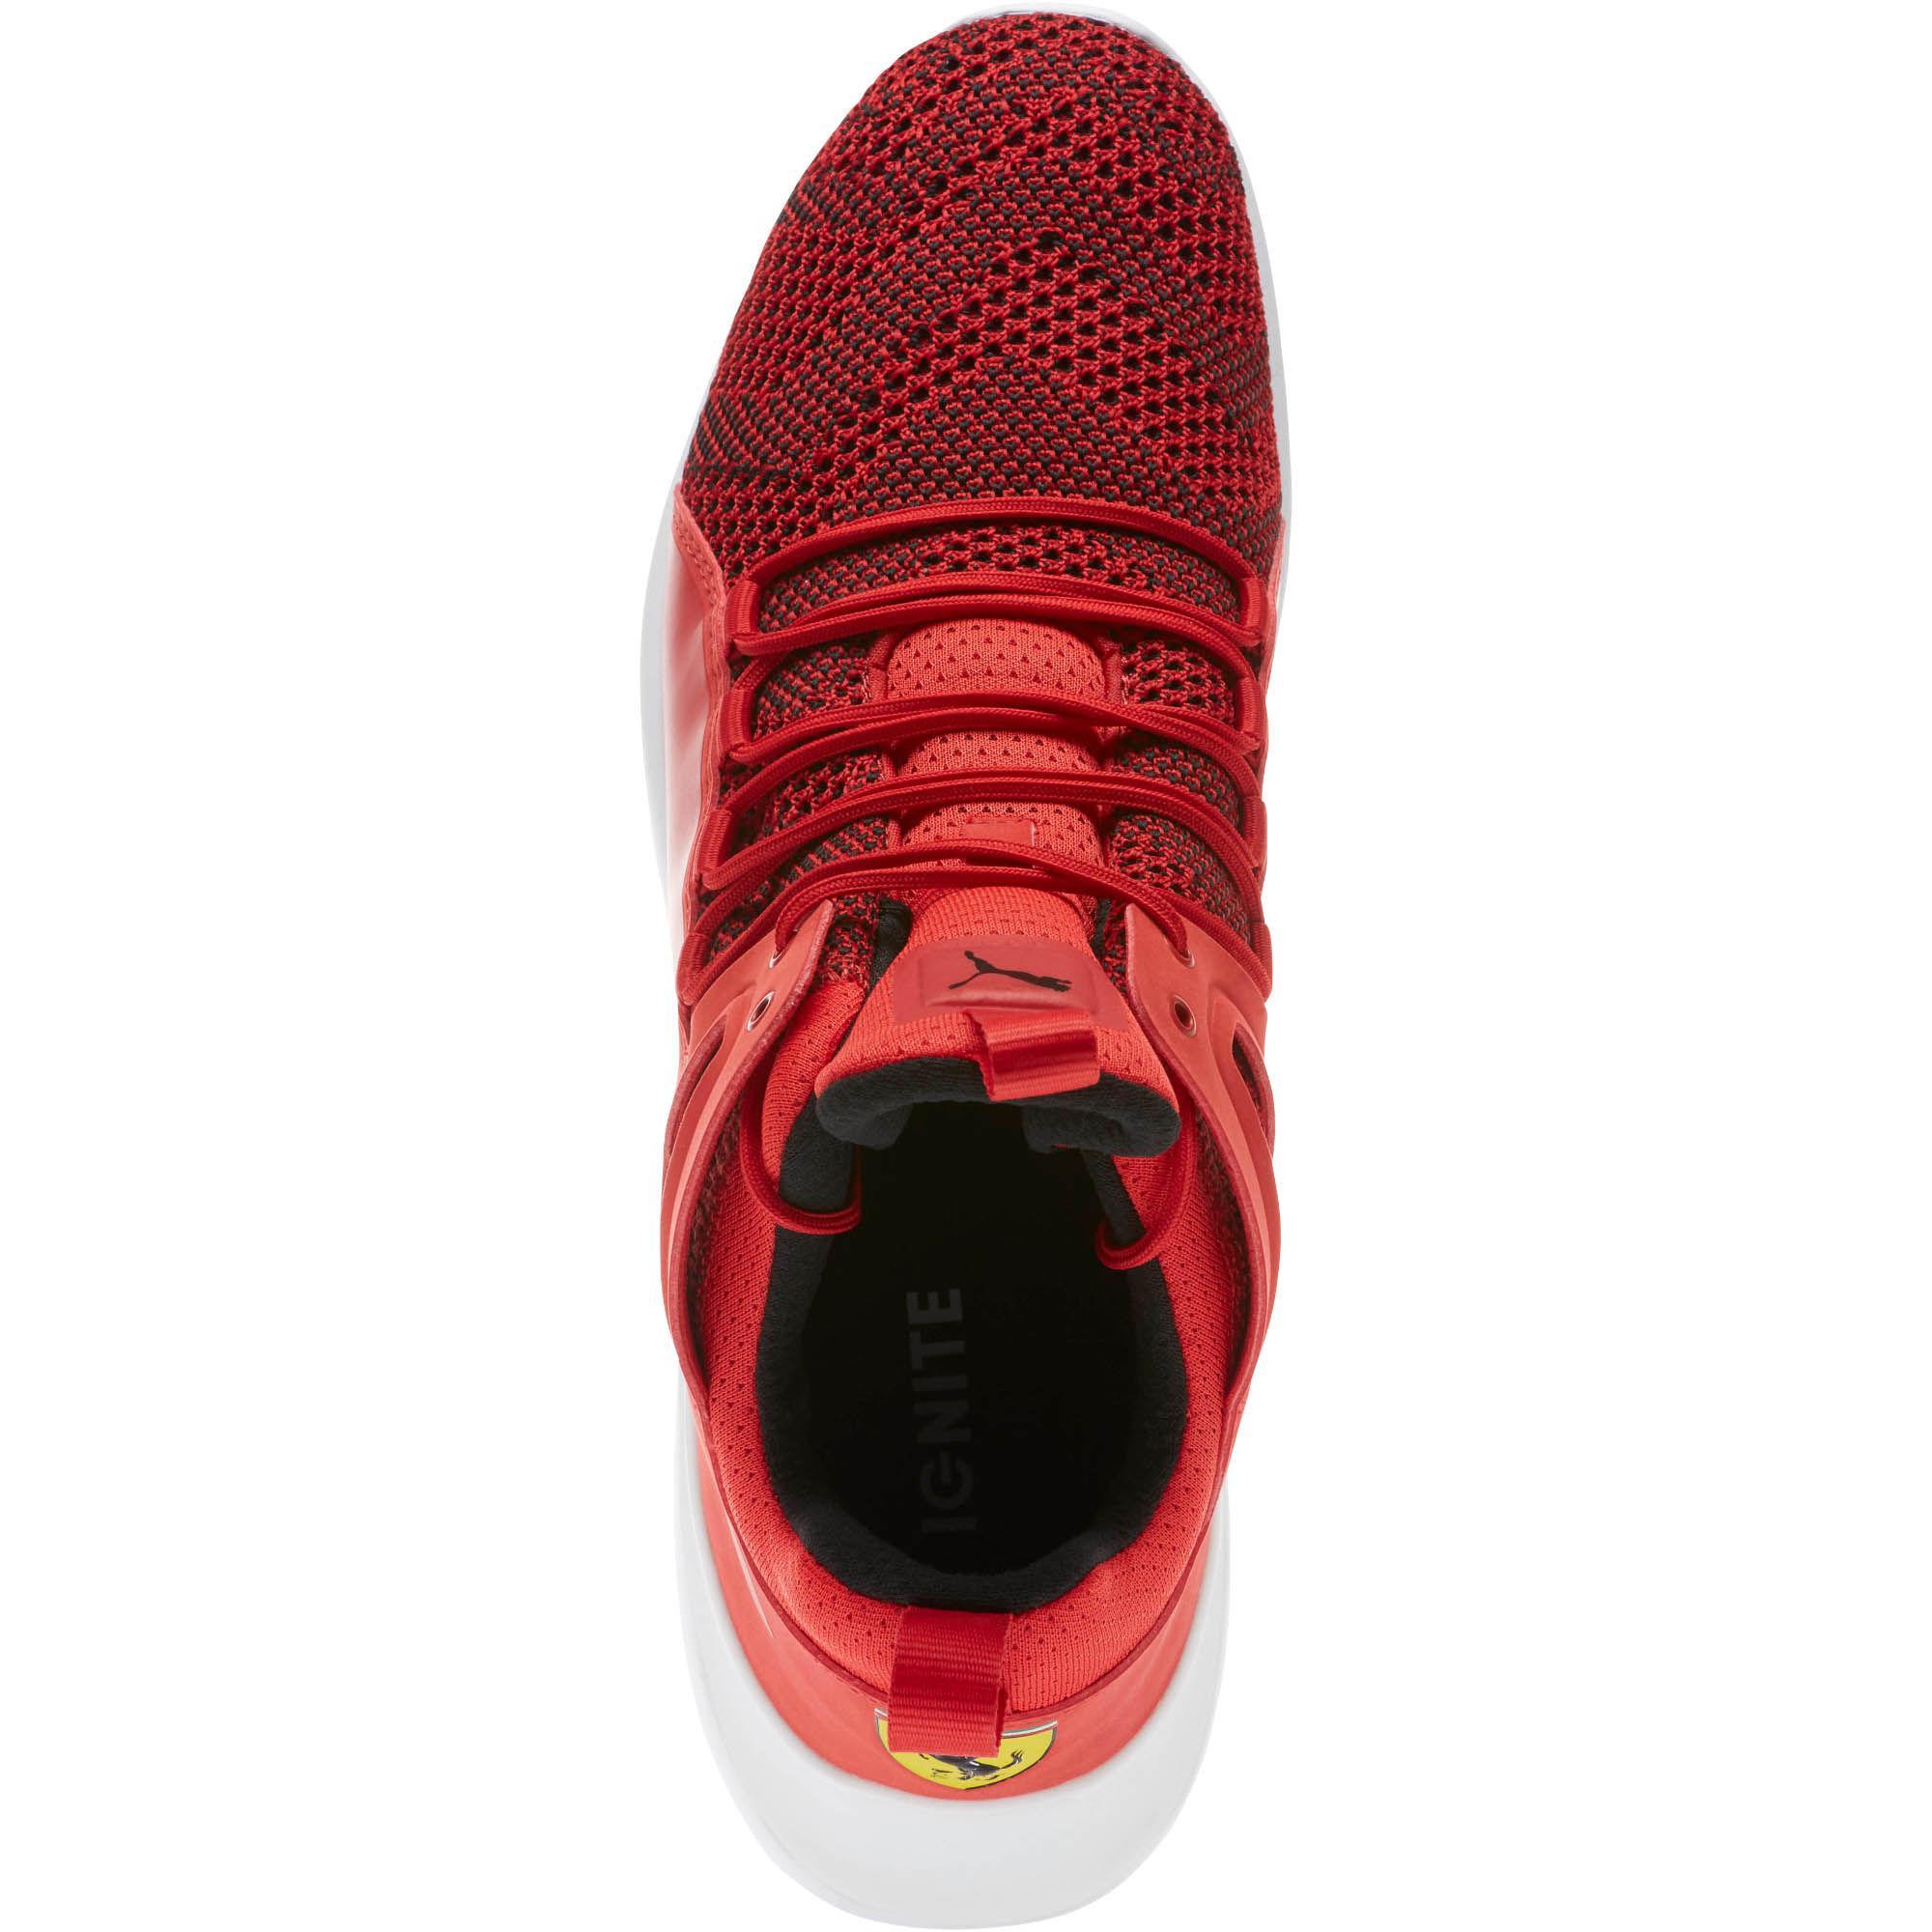 fbb32a23f PUMA Ferrari Evo Cat Mid High Top Sneakers in Red for Men - Lyst